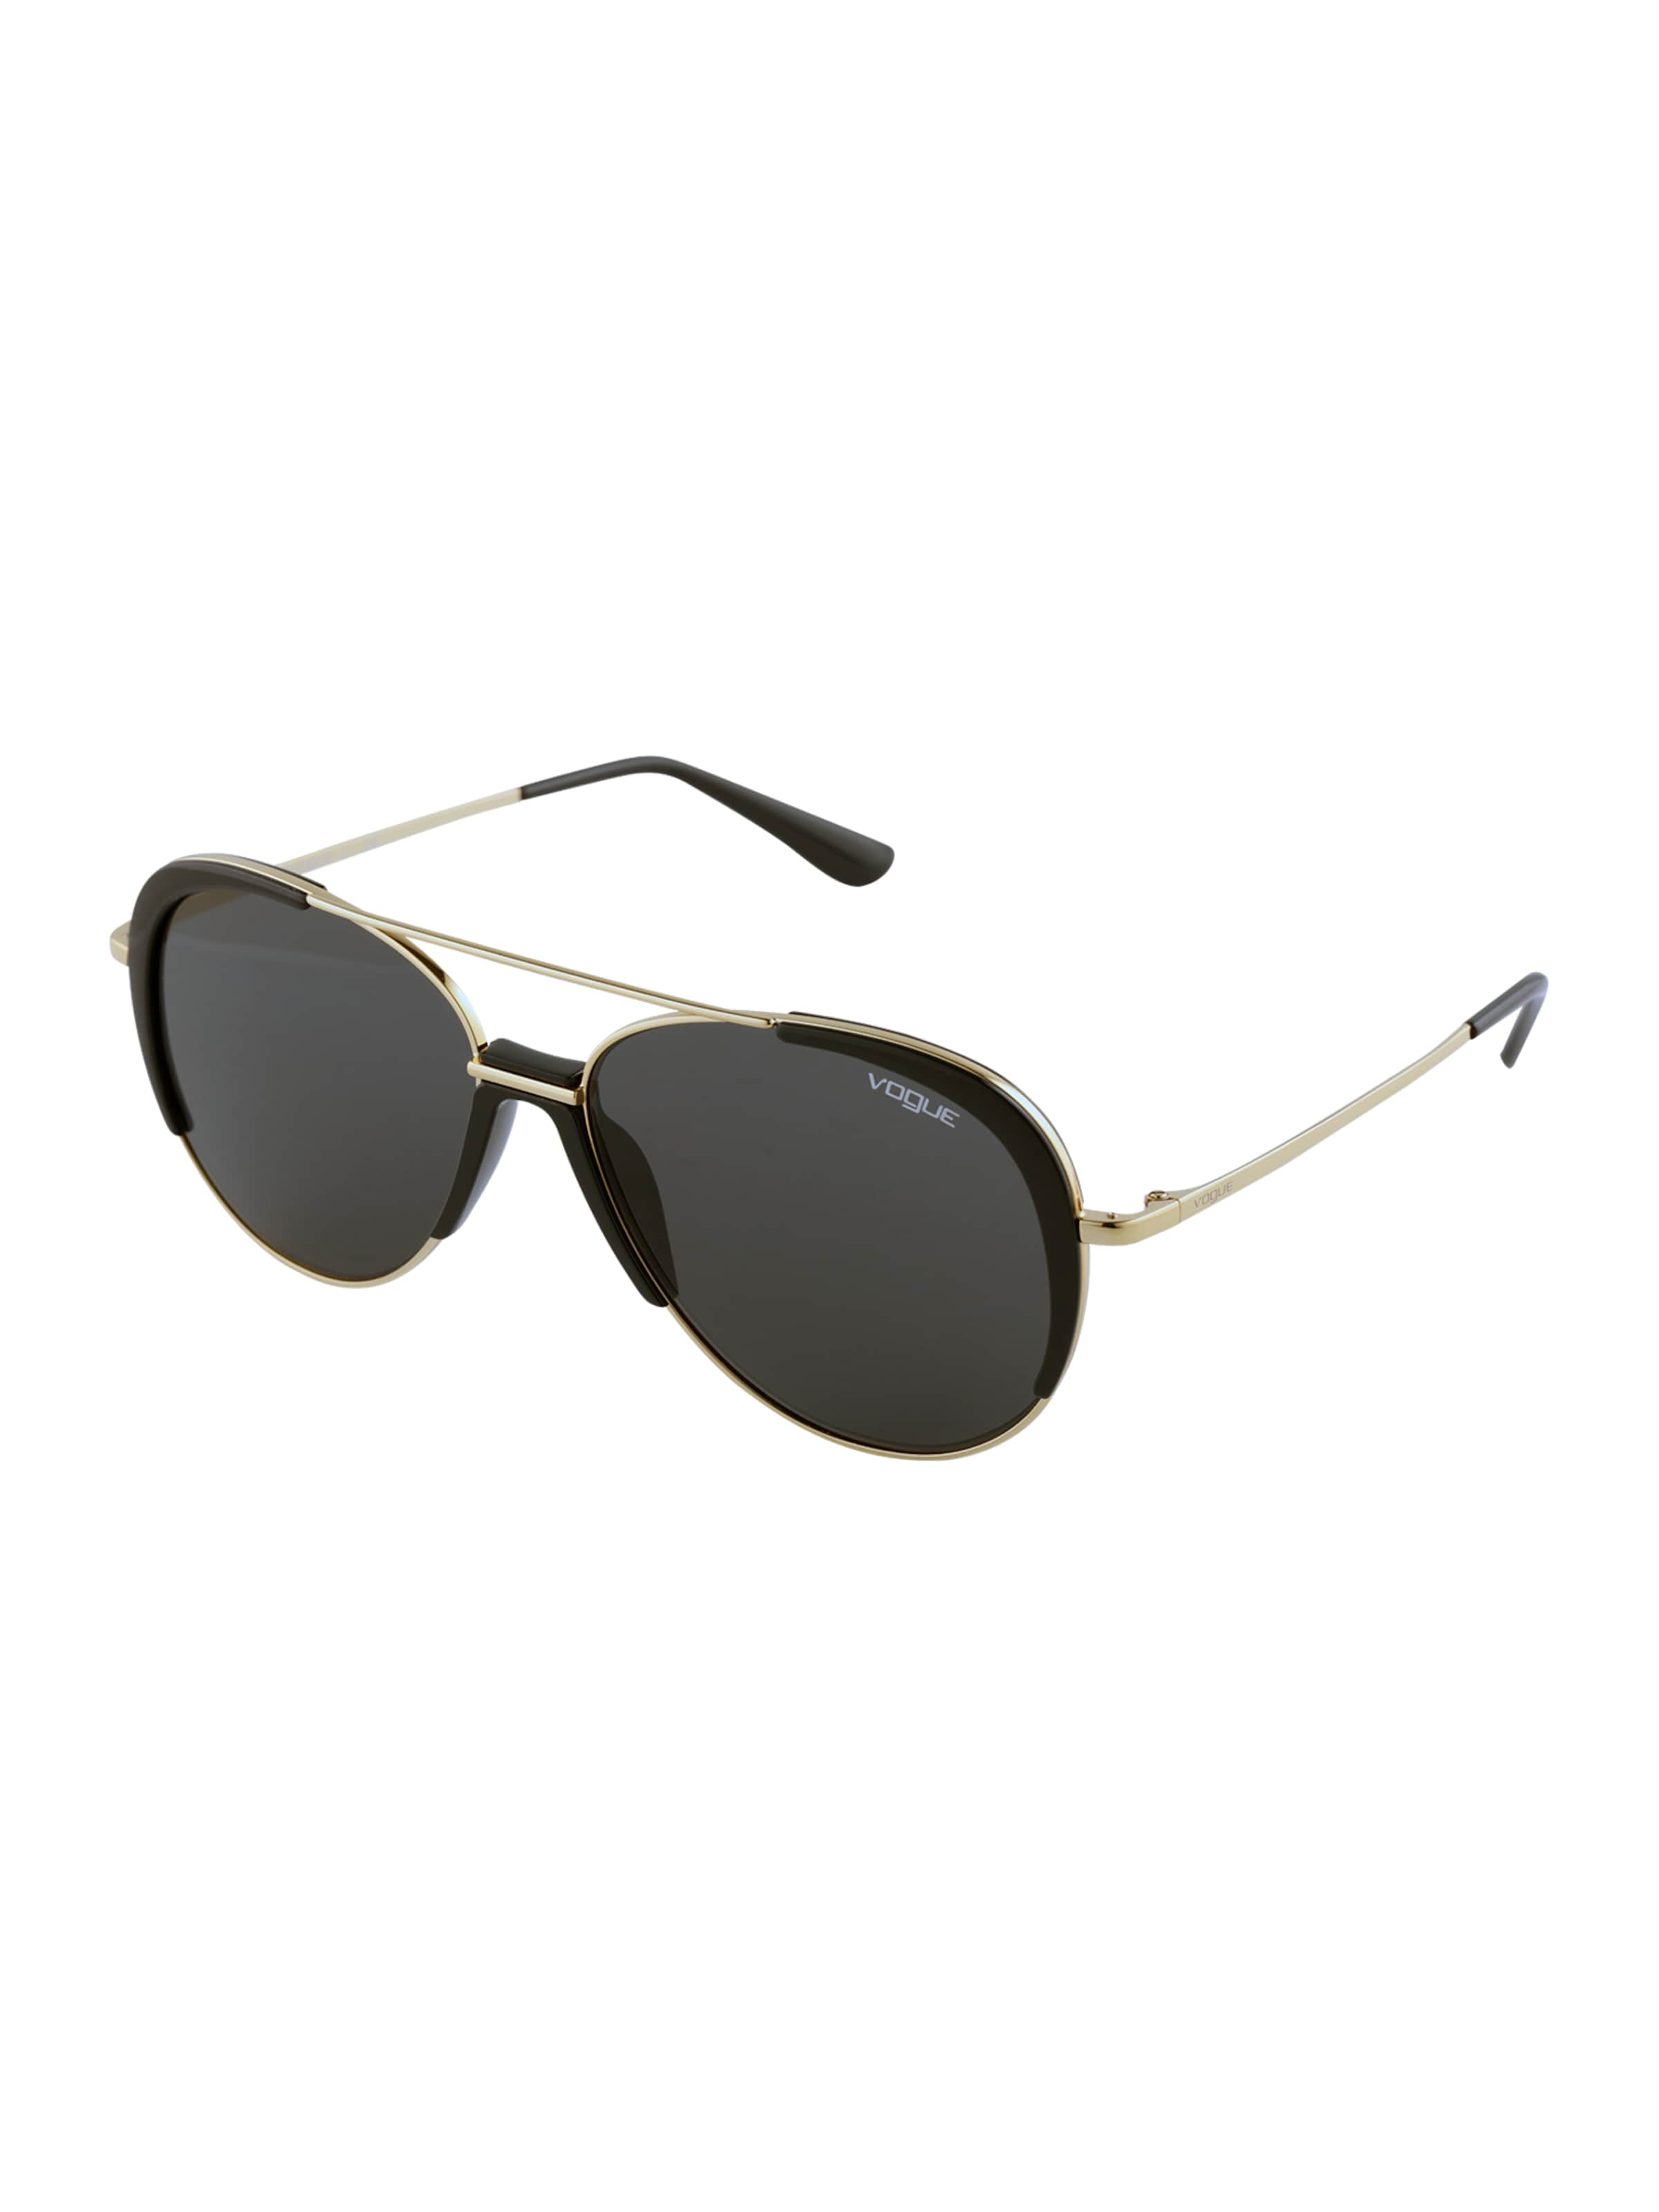 Eyewear In Vogue Sonnenbrille Eyewear In Schwarz Schwarz Sonnenbrille Vogue Vogue Eyewear Sonnenbrille y08NmwvnO